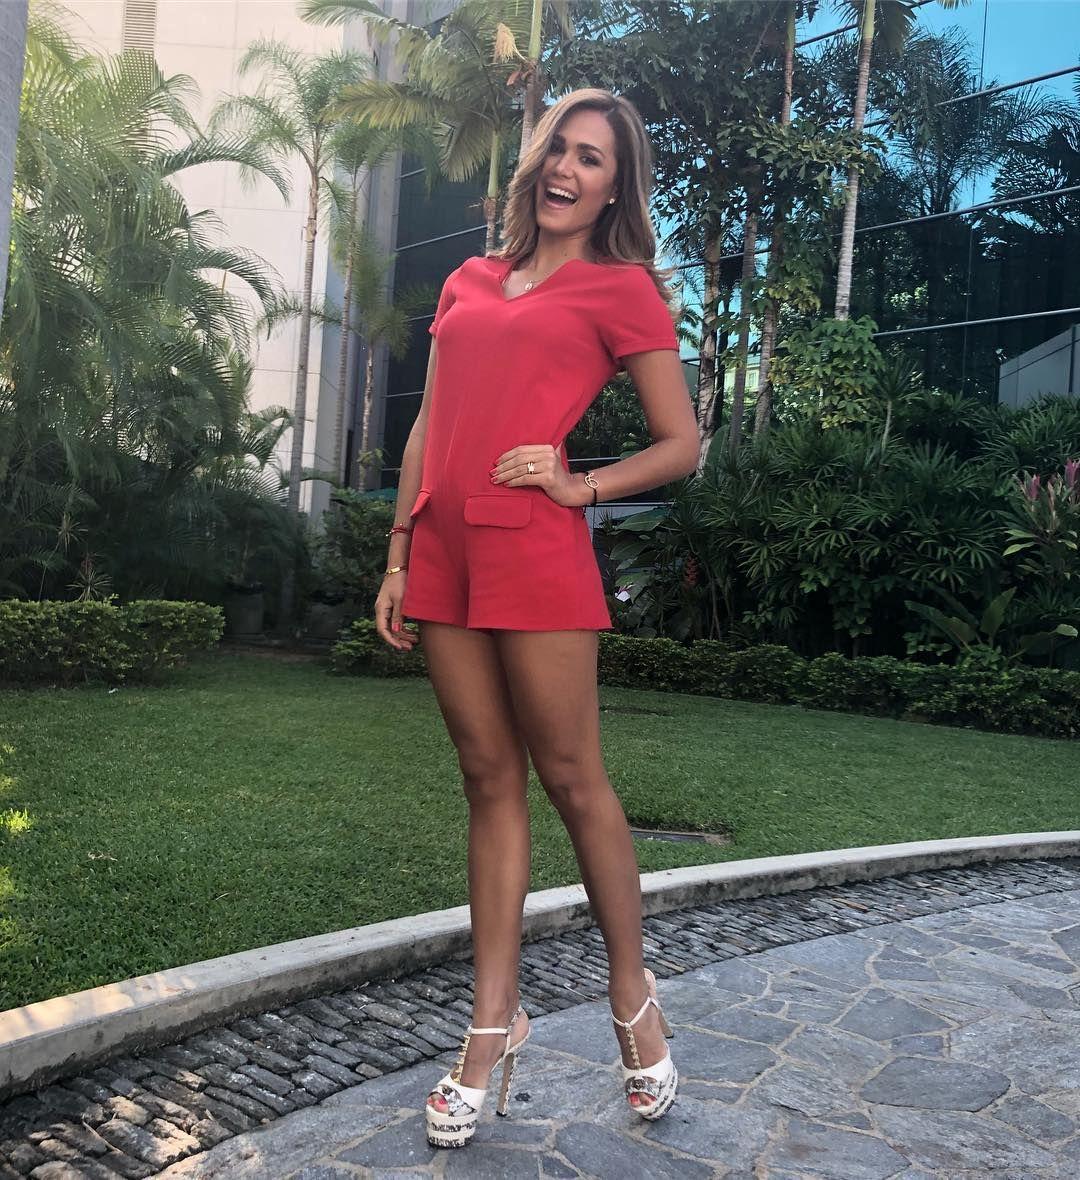 Debora Menicucci nude (98 fotos) Paparazzi, Instagram, butt